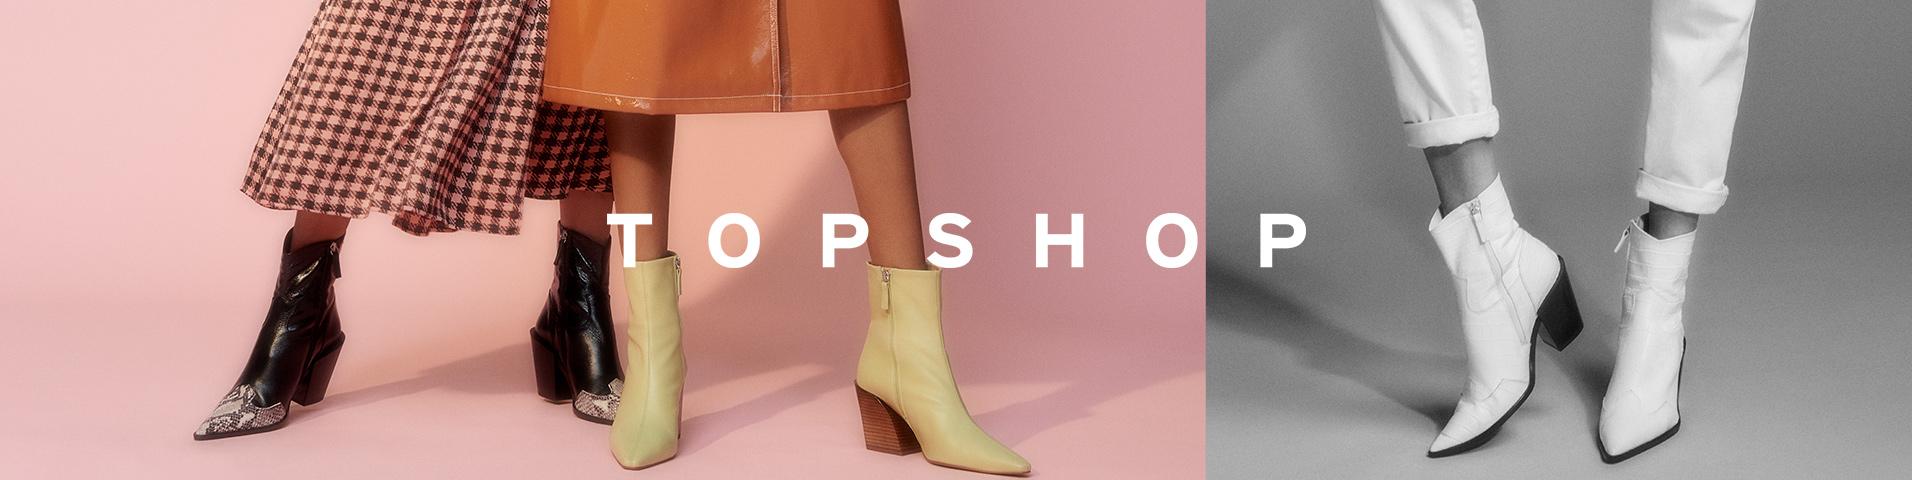 Calzado de mujer de Topshop 1c0dab8788c57